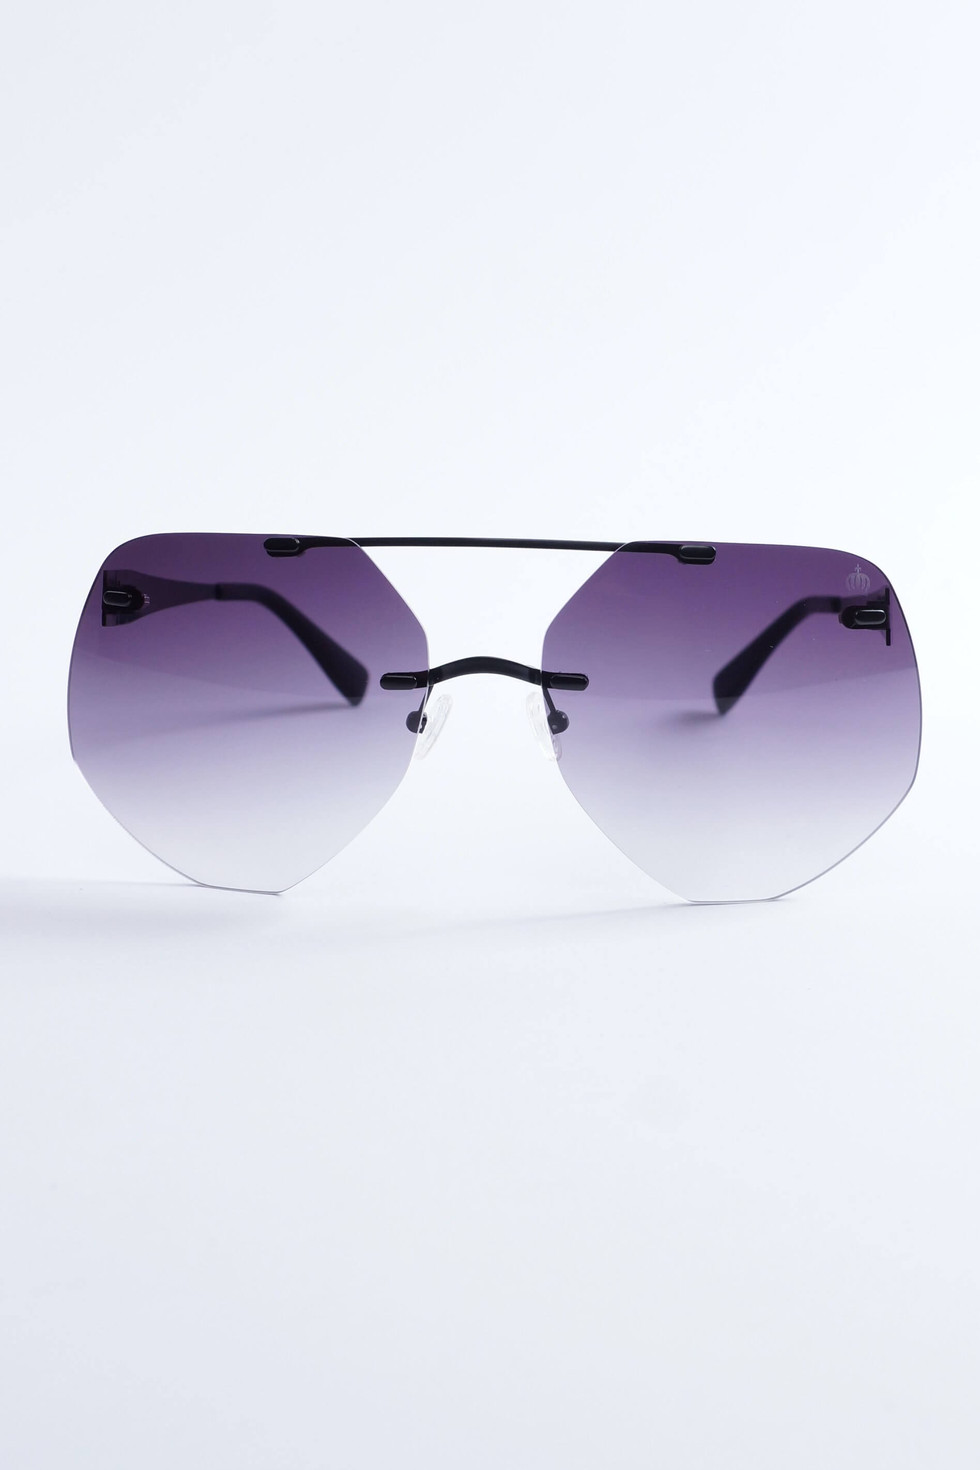 Pompöös Sonnenbrille Berlin, Glasses small 63/19 schwarz matt/grau